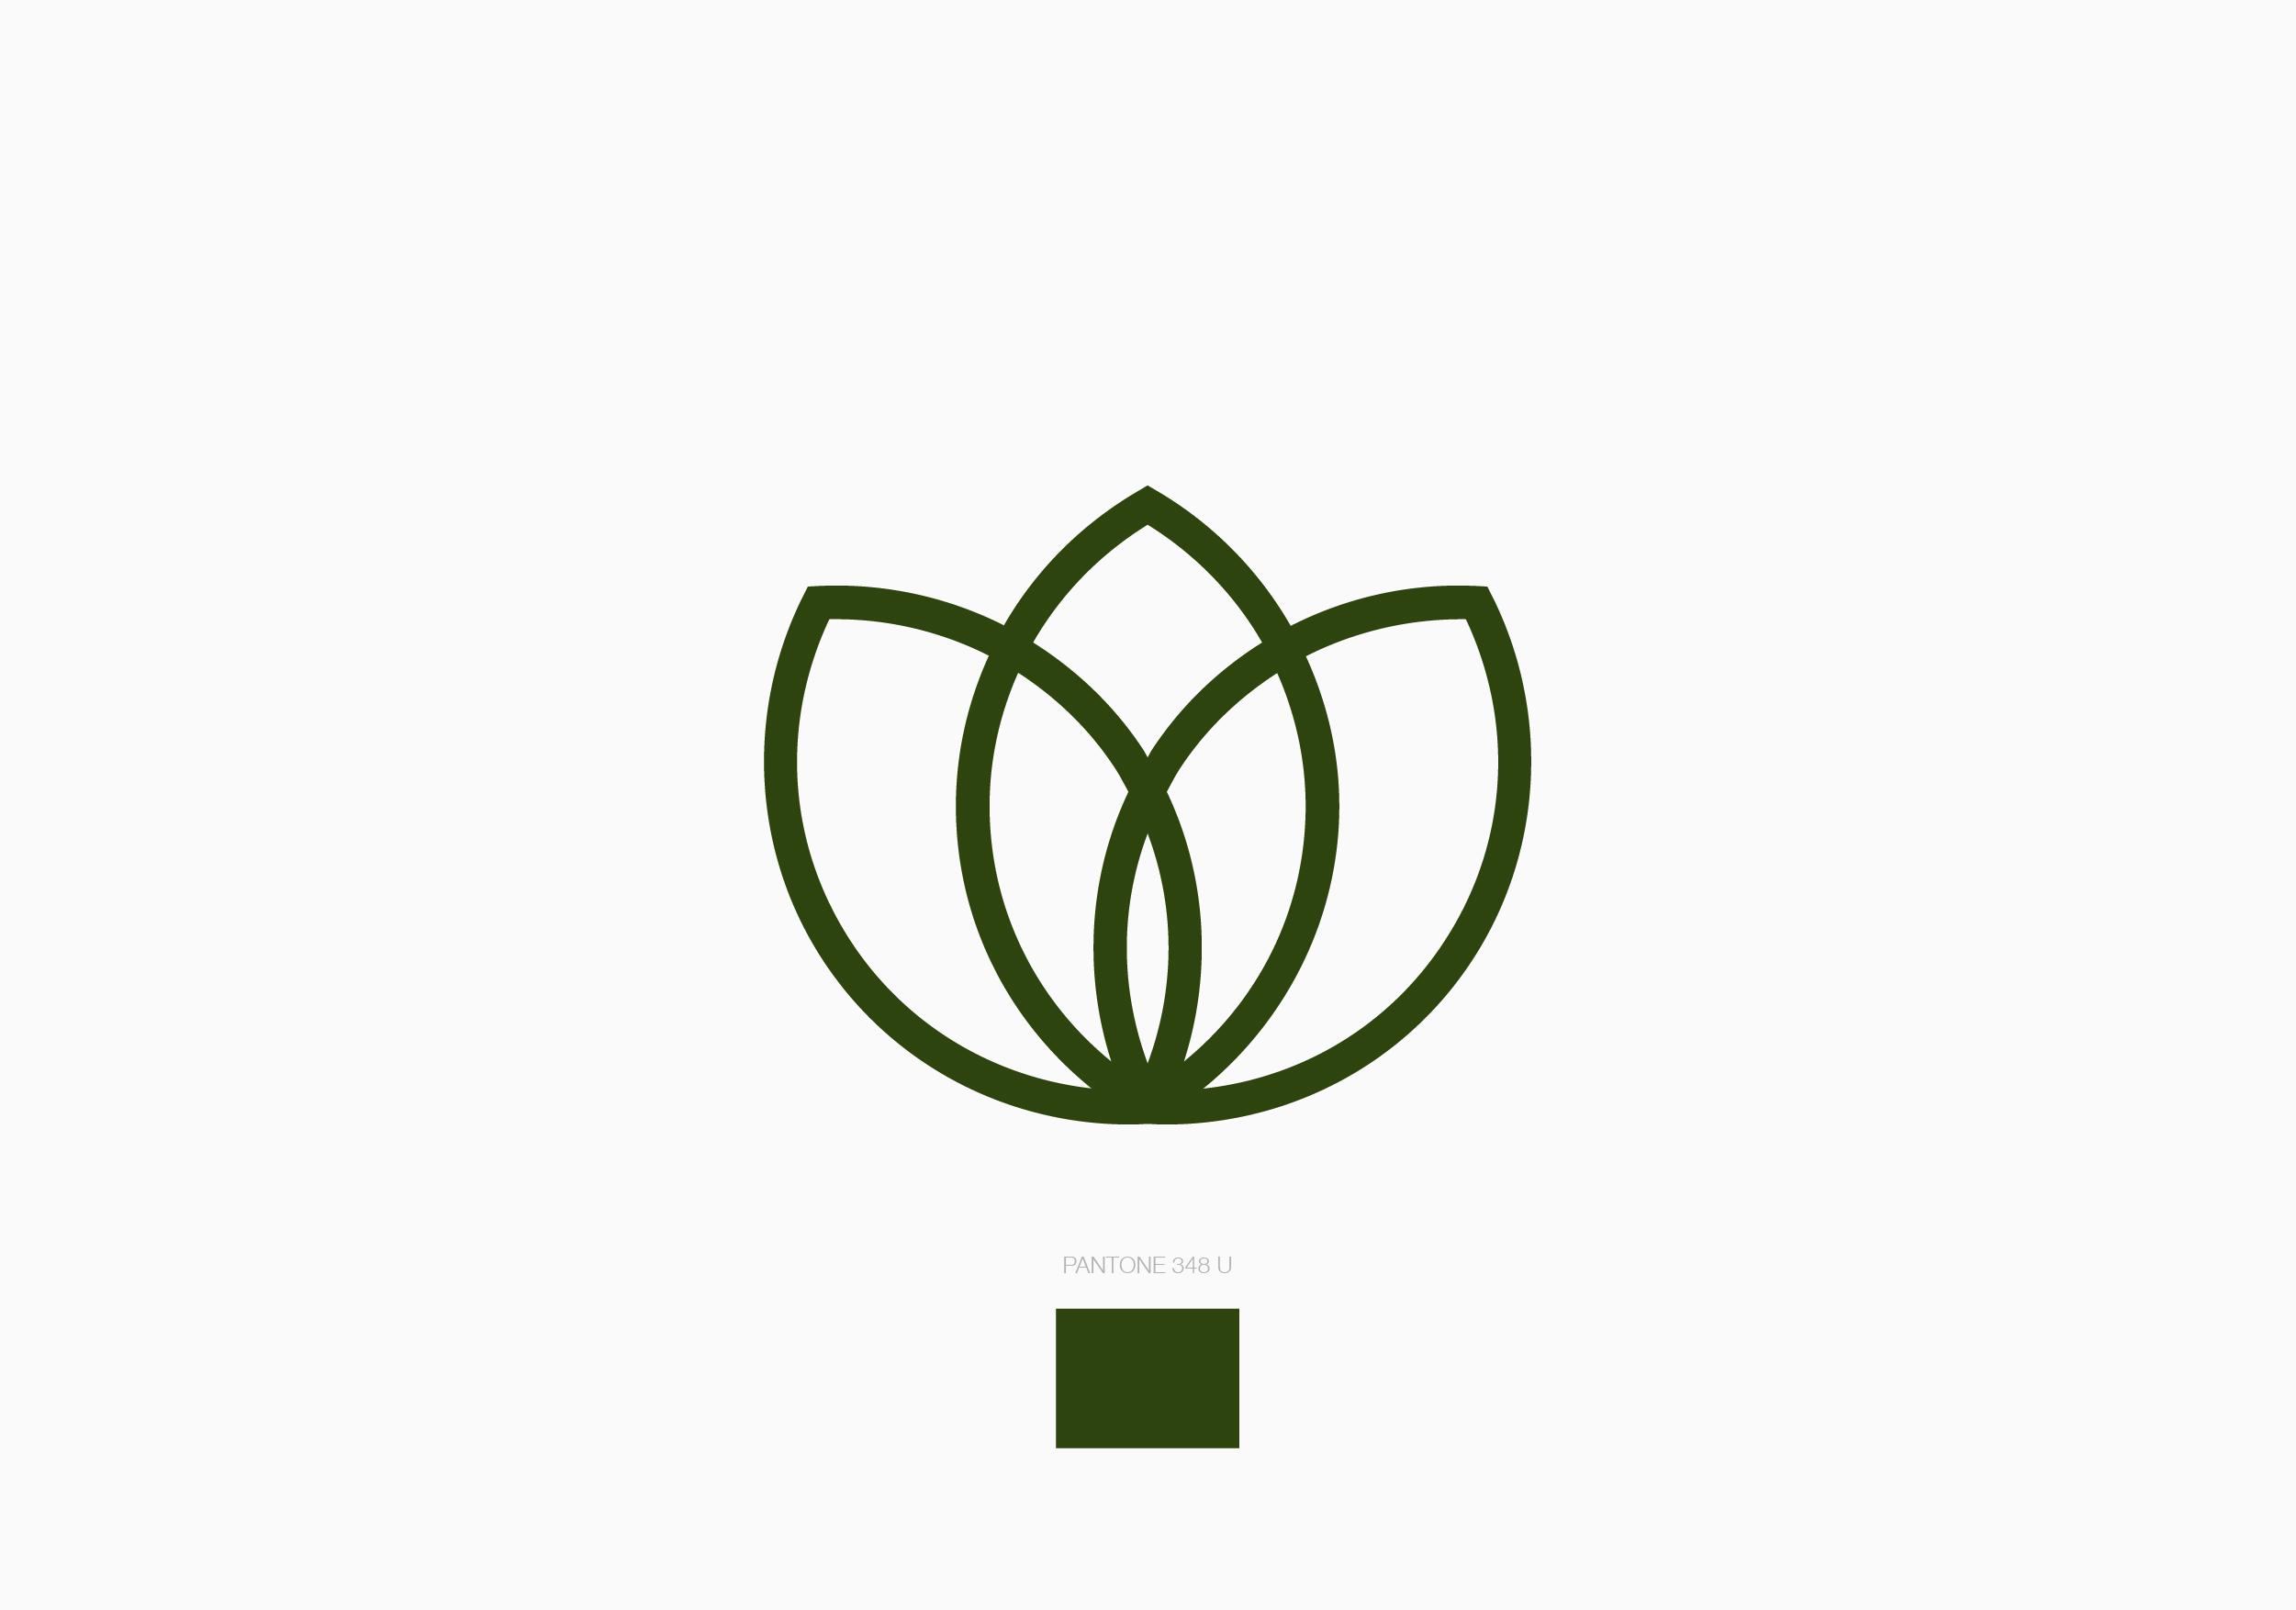 Laflorealebacoli. Manuarino architettura, design, comunicazione